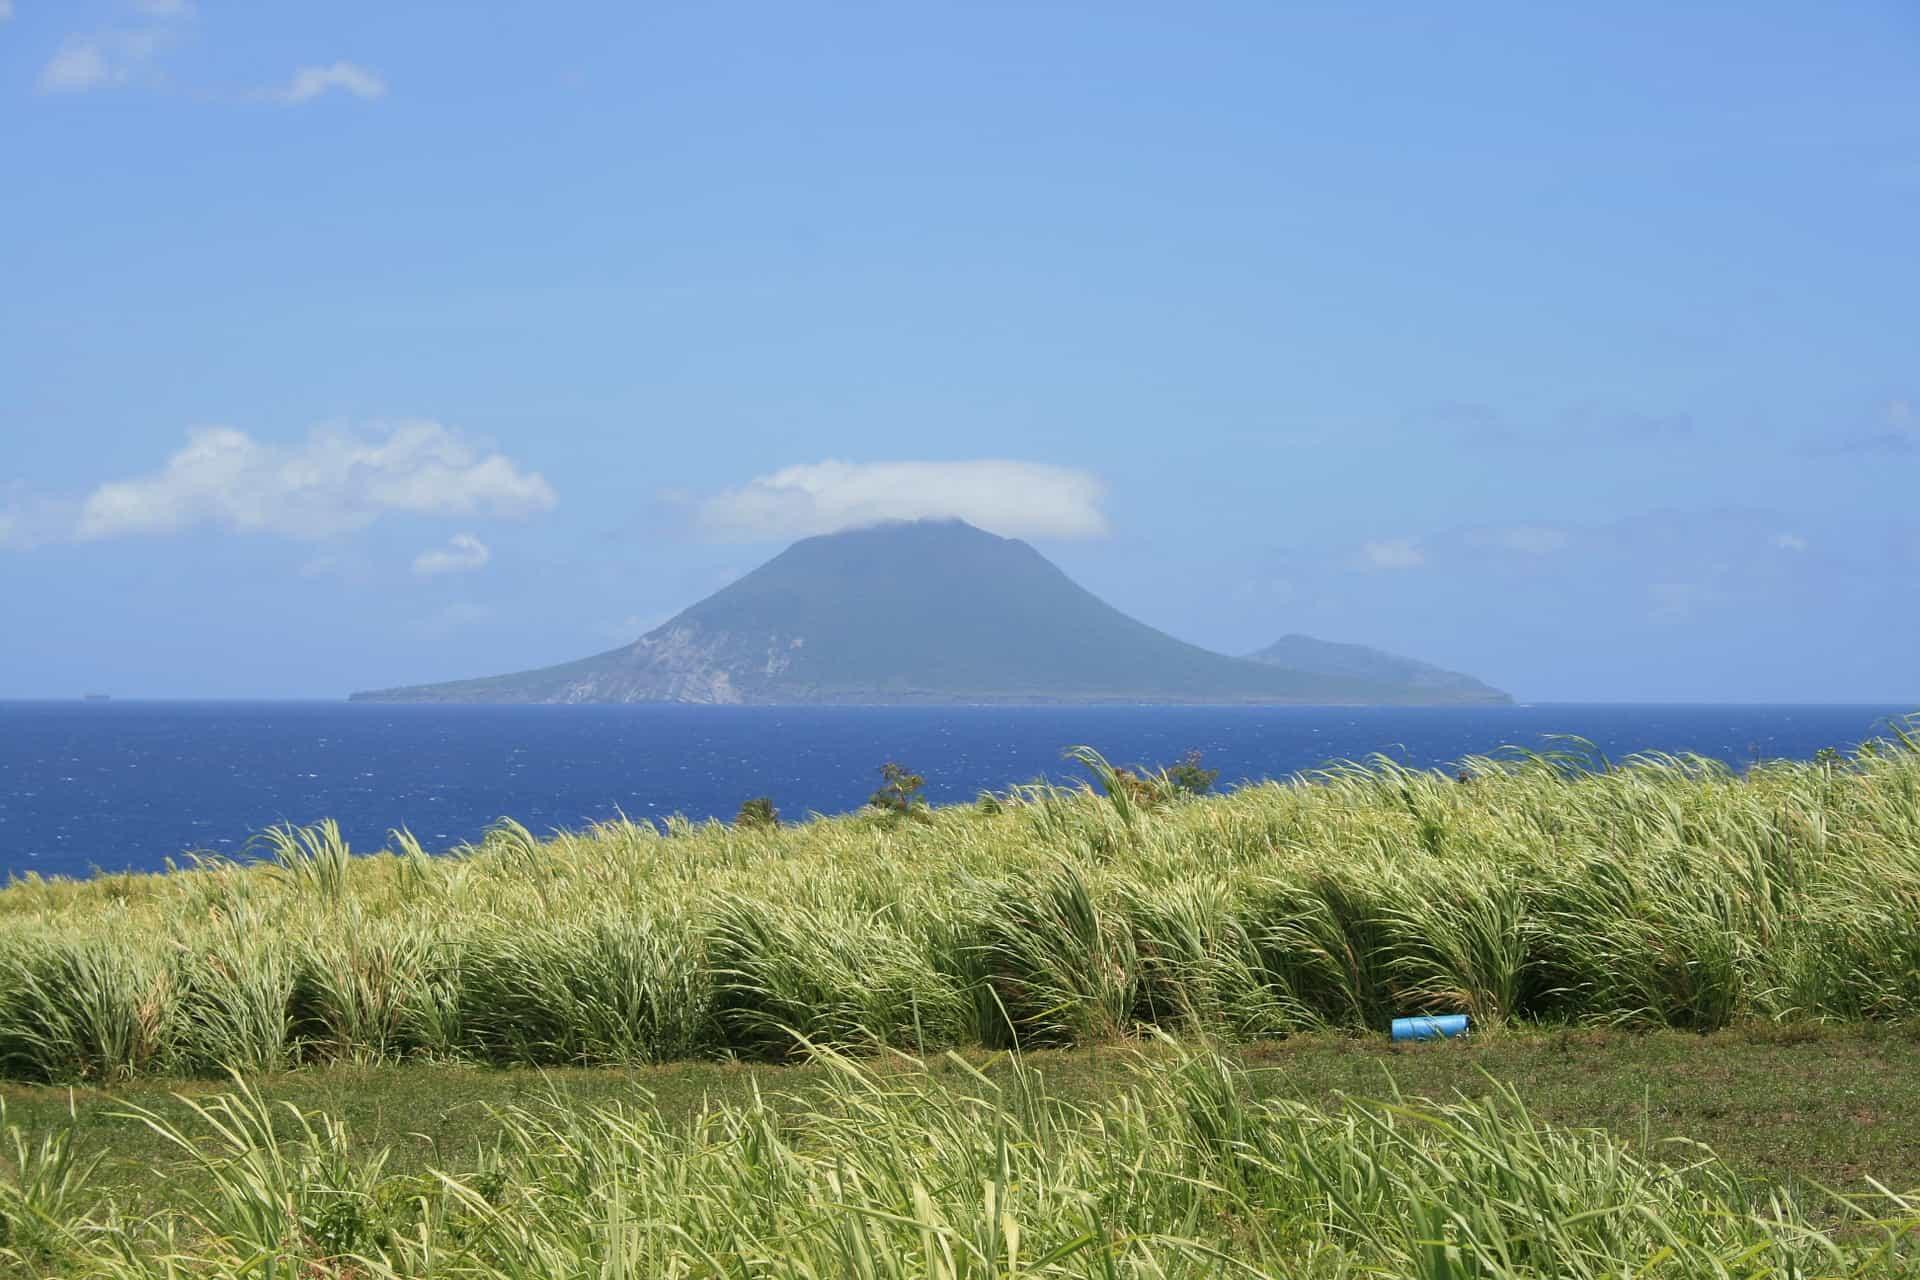 Basseterre, St Kitts Mountain